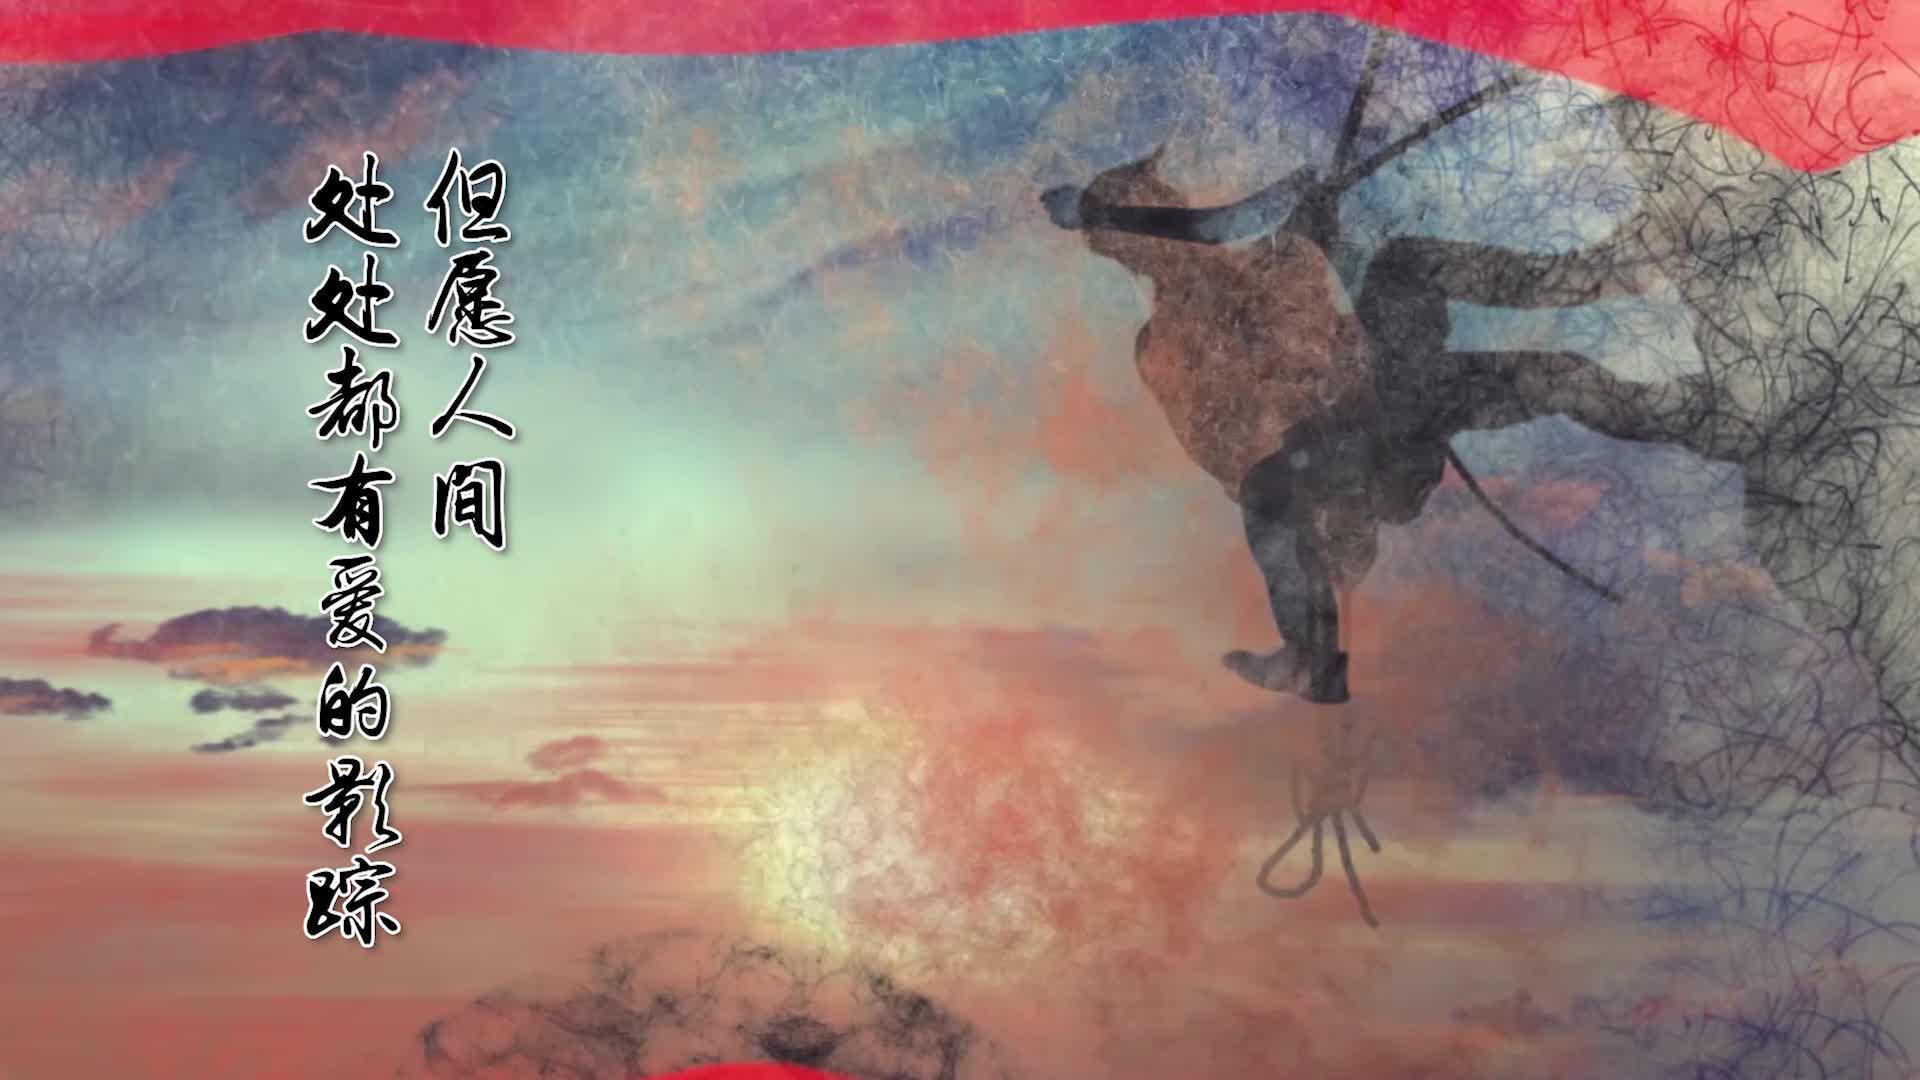 歌曲真心英雄led配乐成品演出视频背景